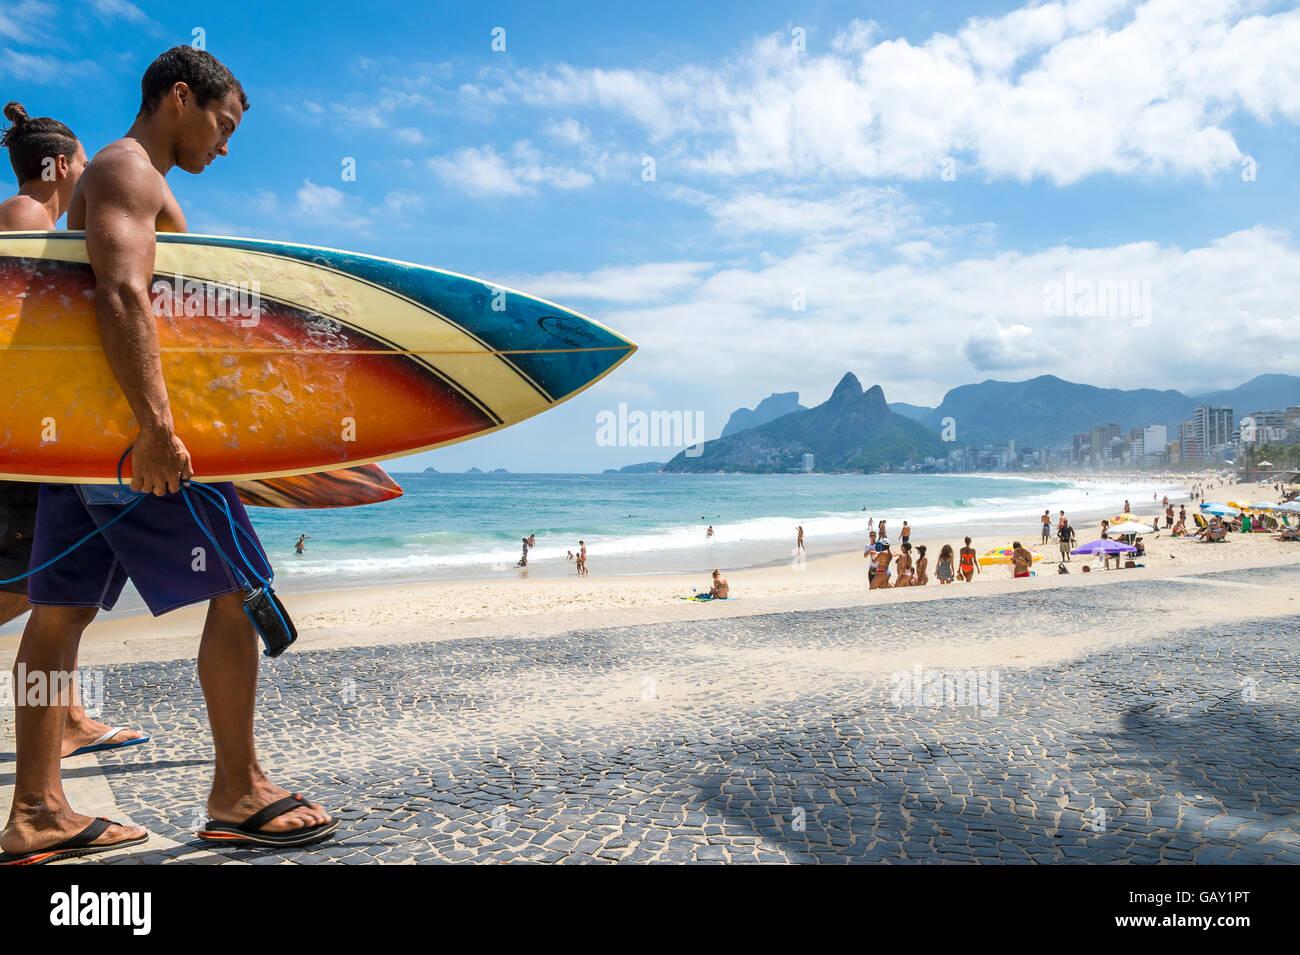 RIO DE JANEIRO - le 3 avril 2016: jeune couple brésilien carioca promenades avec des planches de surf Photo Stock